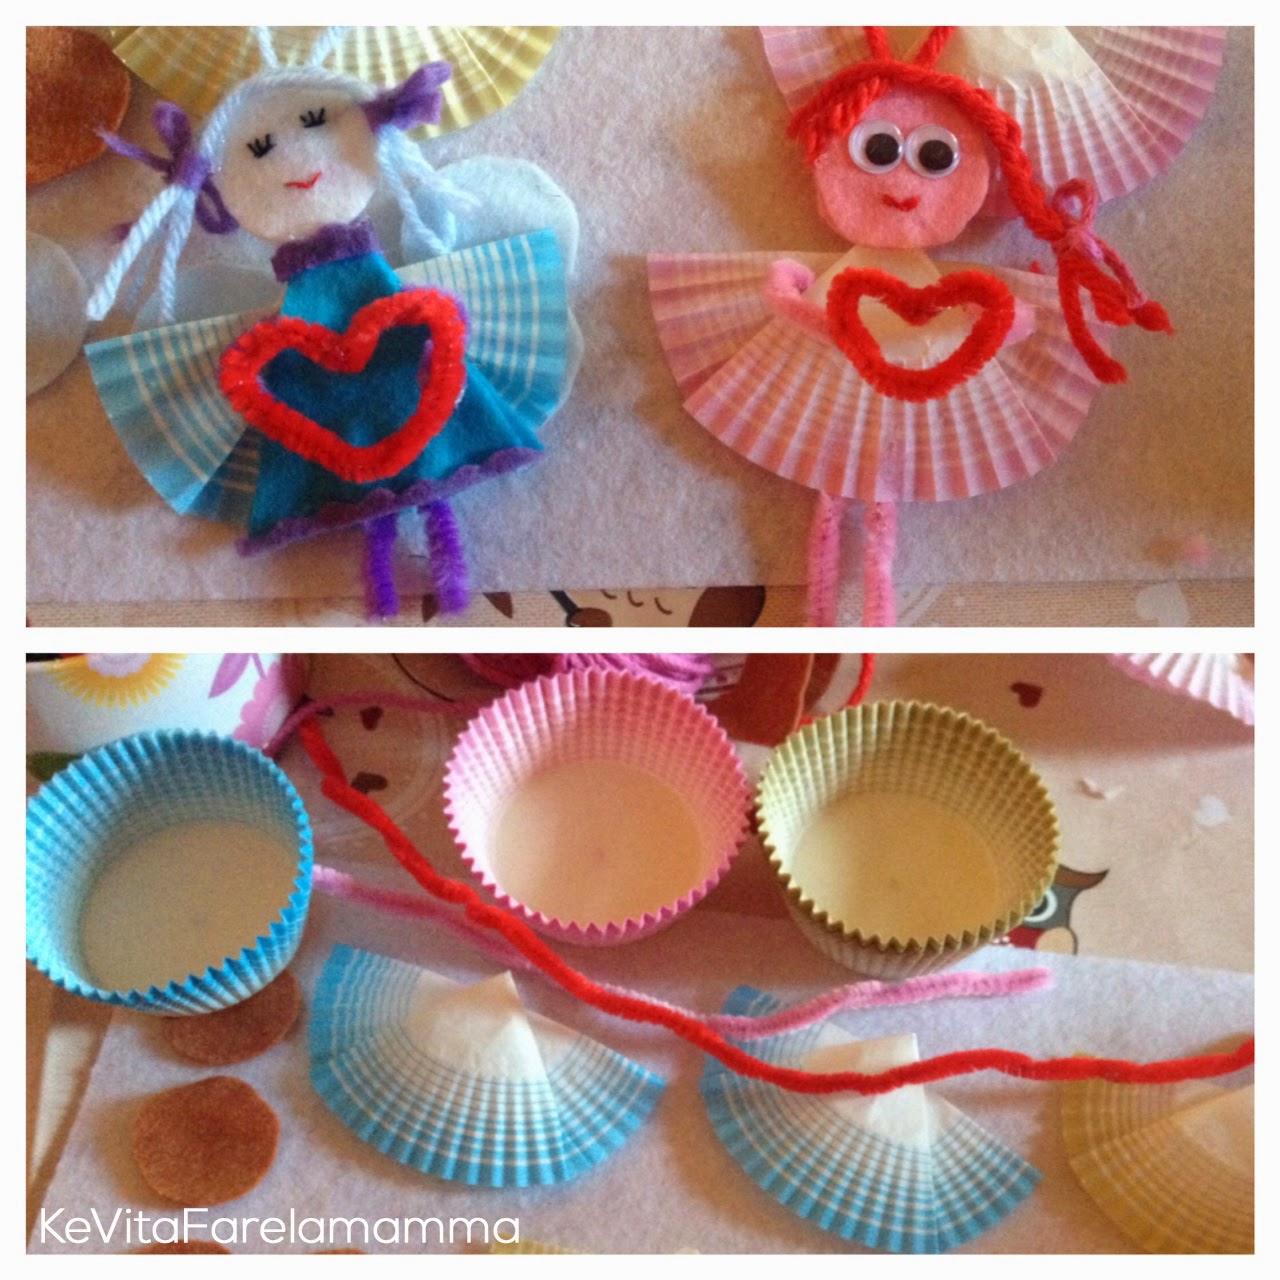 Idee regalo fai da te angeli e presepe di feltro for Casa e regali